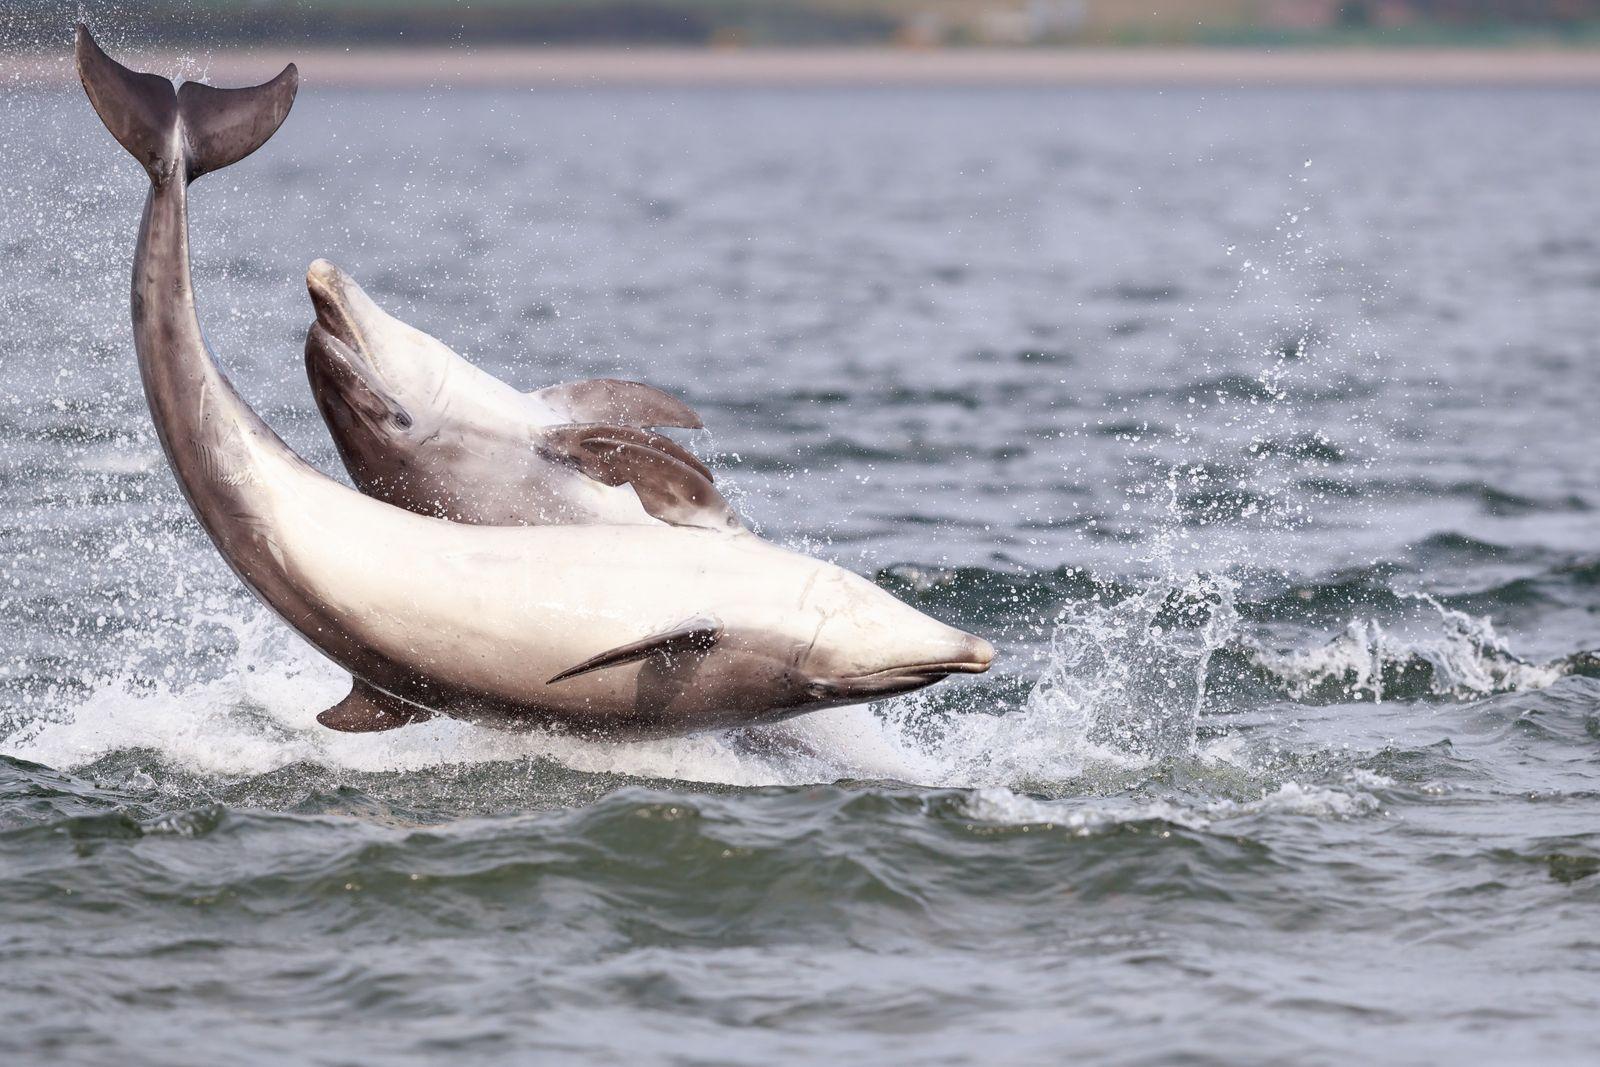 Hécatombe de dauphins sur les côtes françaises depuis décembre 2019